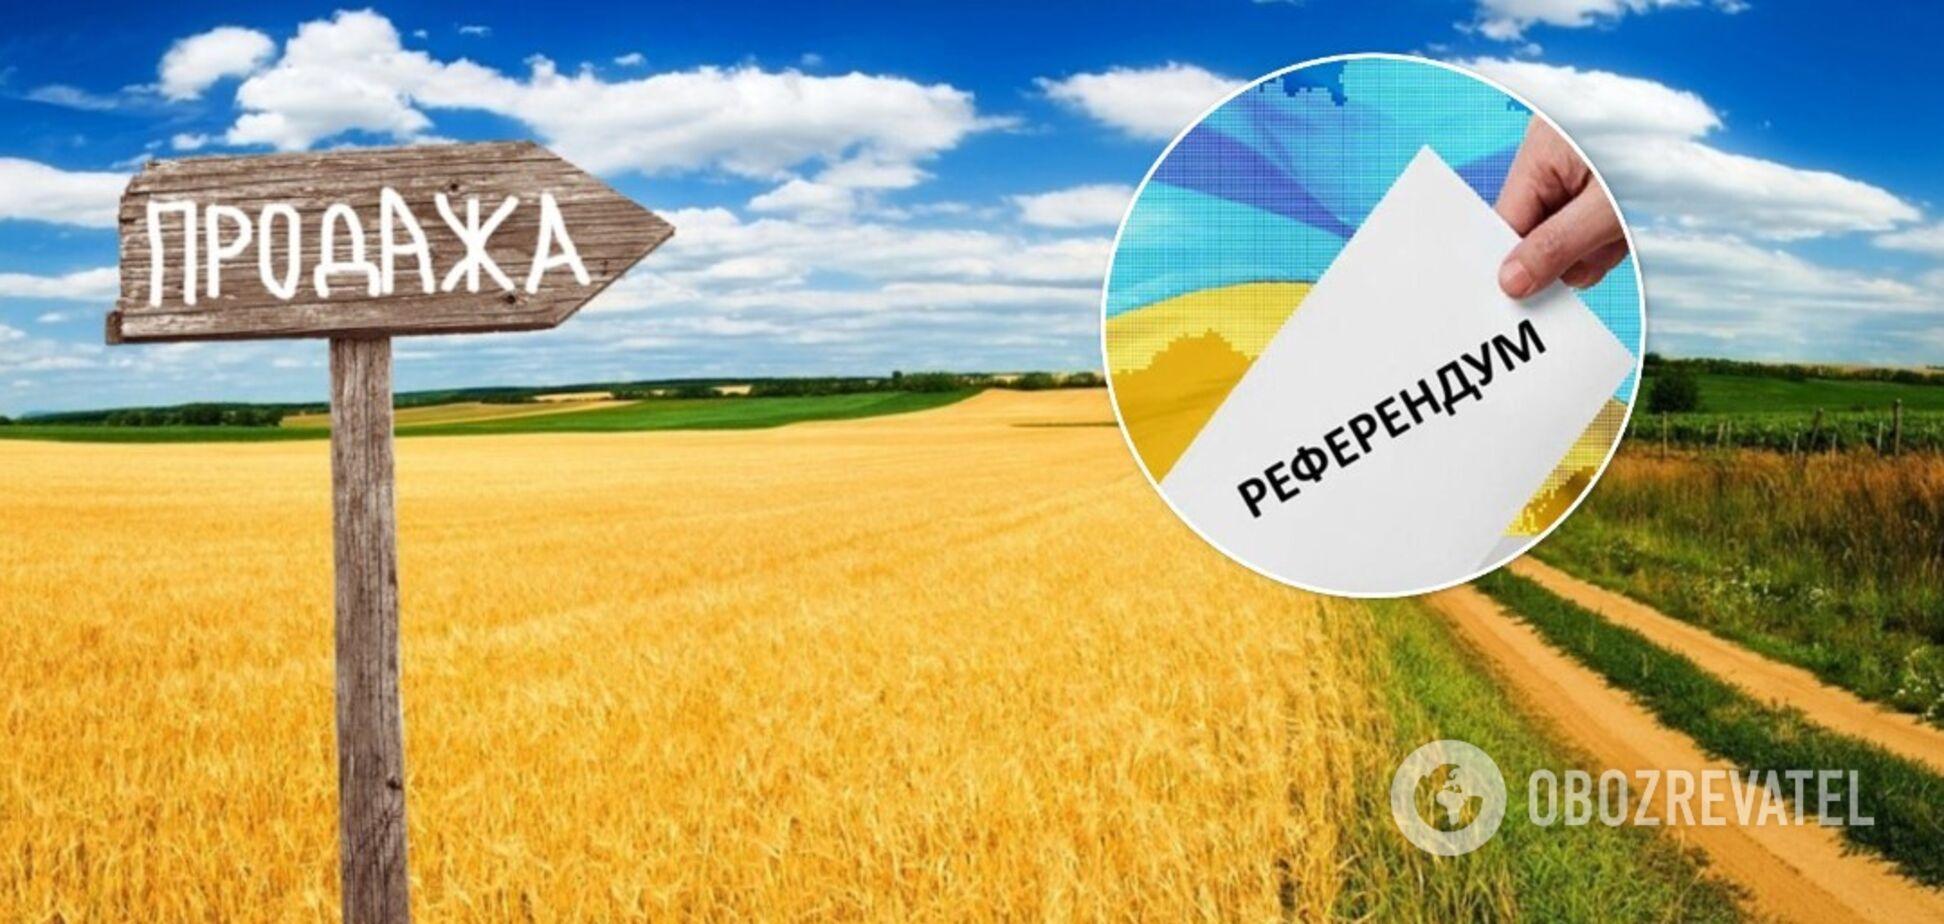 Більшість українців вважає, що питання продажу землі іноземцям мусить вирішуватися на всеукраїнському референдумі